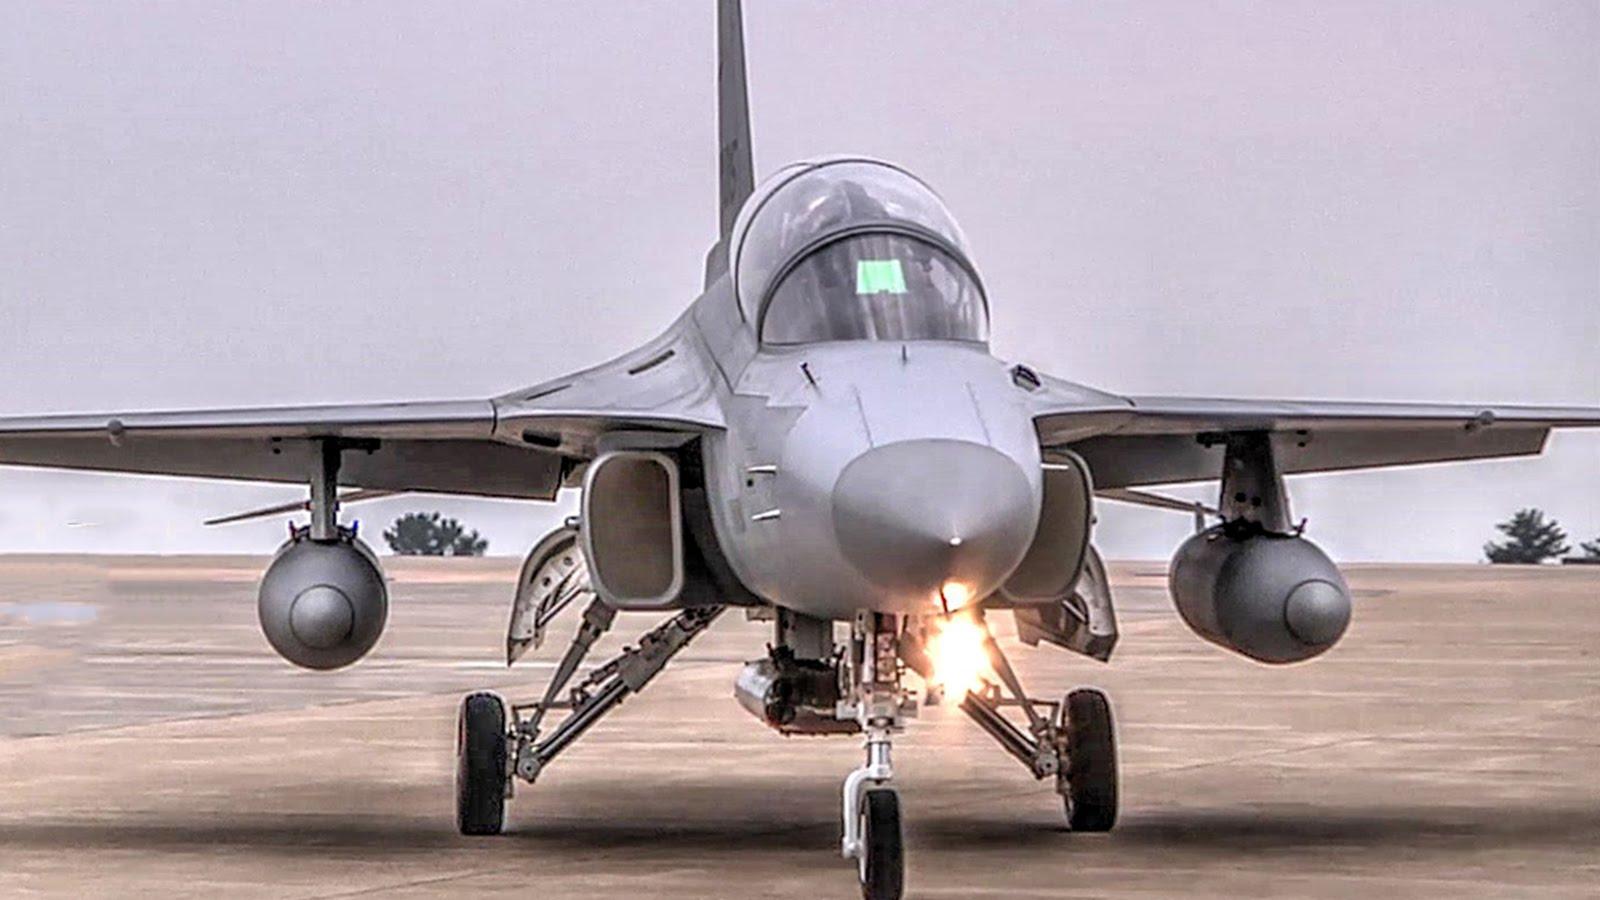 LEITURA DE SÁBADO: A possível aquisição de jatos sul-coreanos FA-50 pela FAA, e o redesenho, em 2022, do equilíbrio aéreo militar na América do Sul